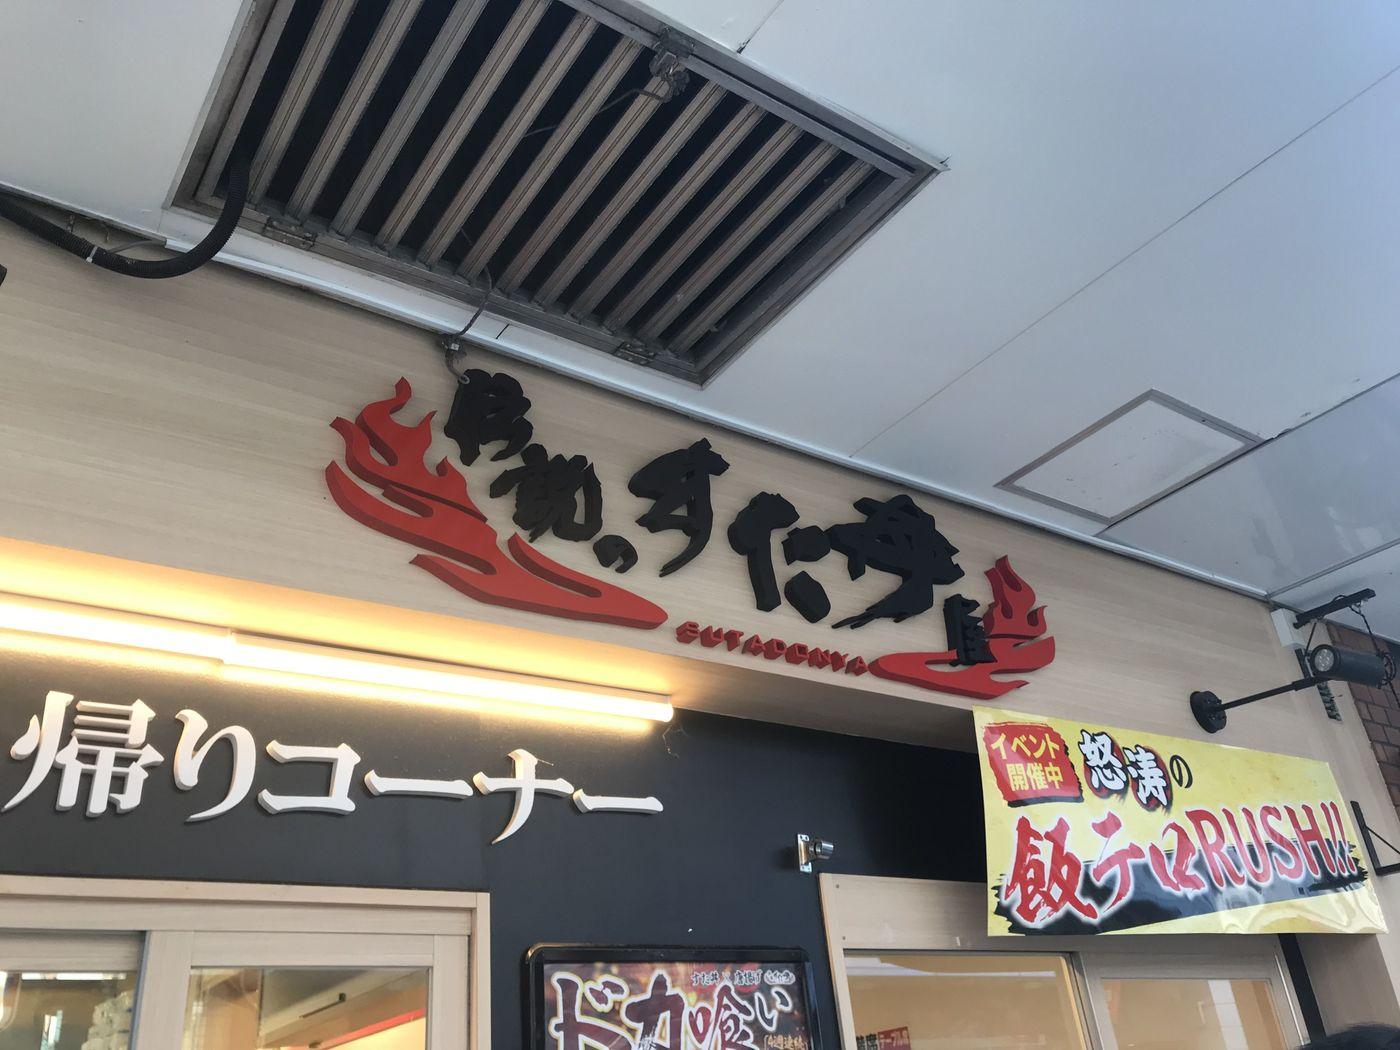 【天神・伝説のすた丼屋】の牛カルビ辛すた丼で昇天~そして伝説へ...の画像